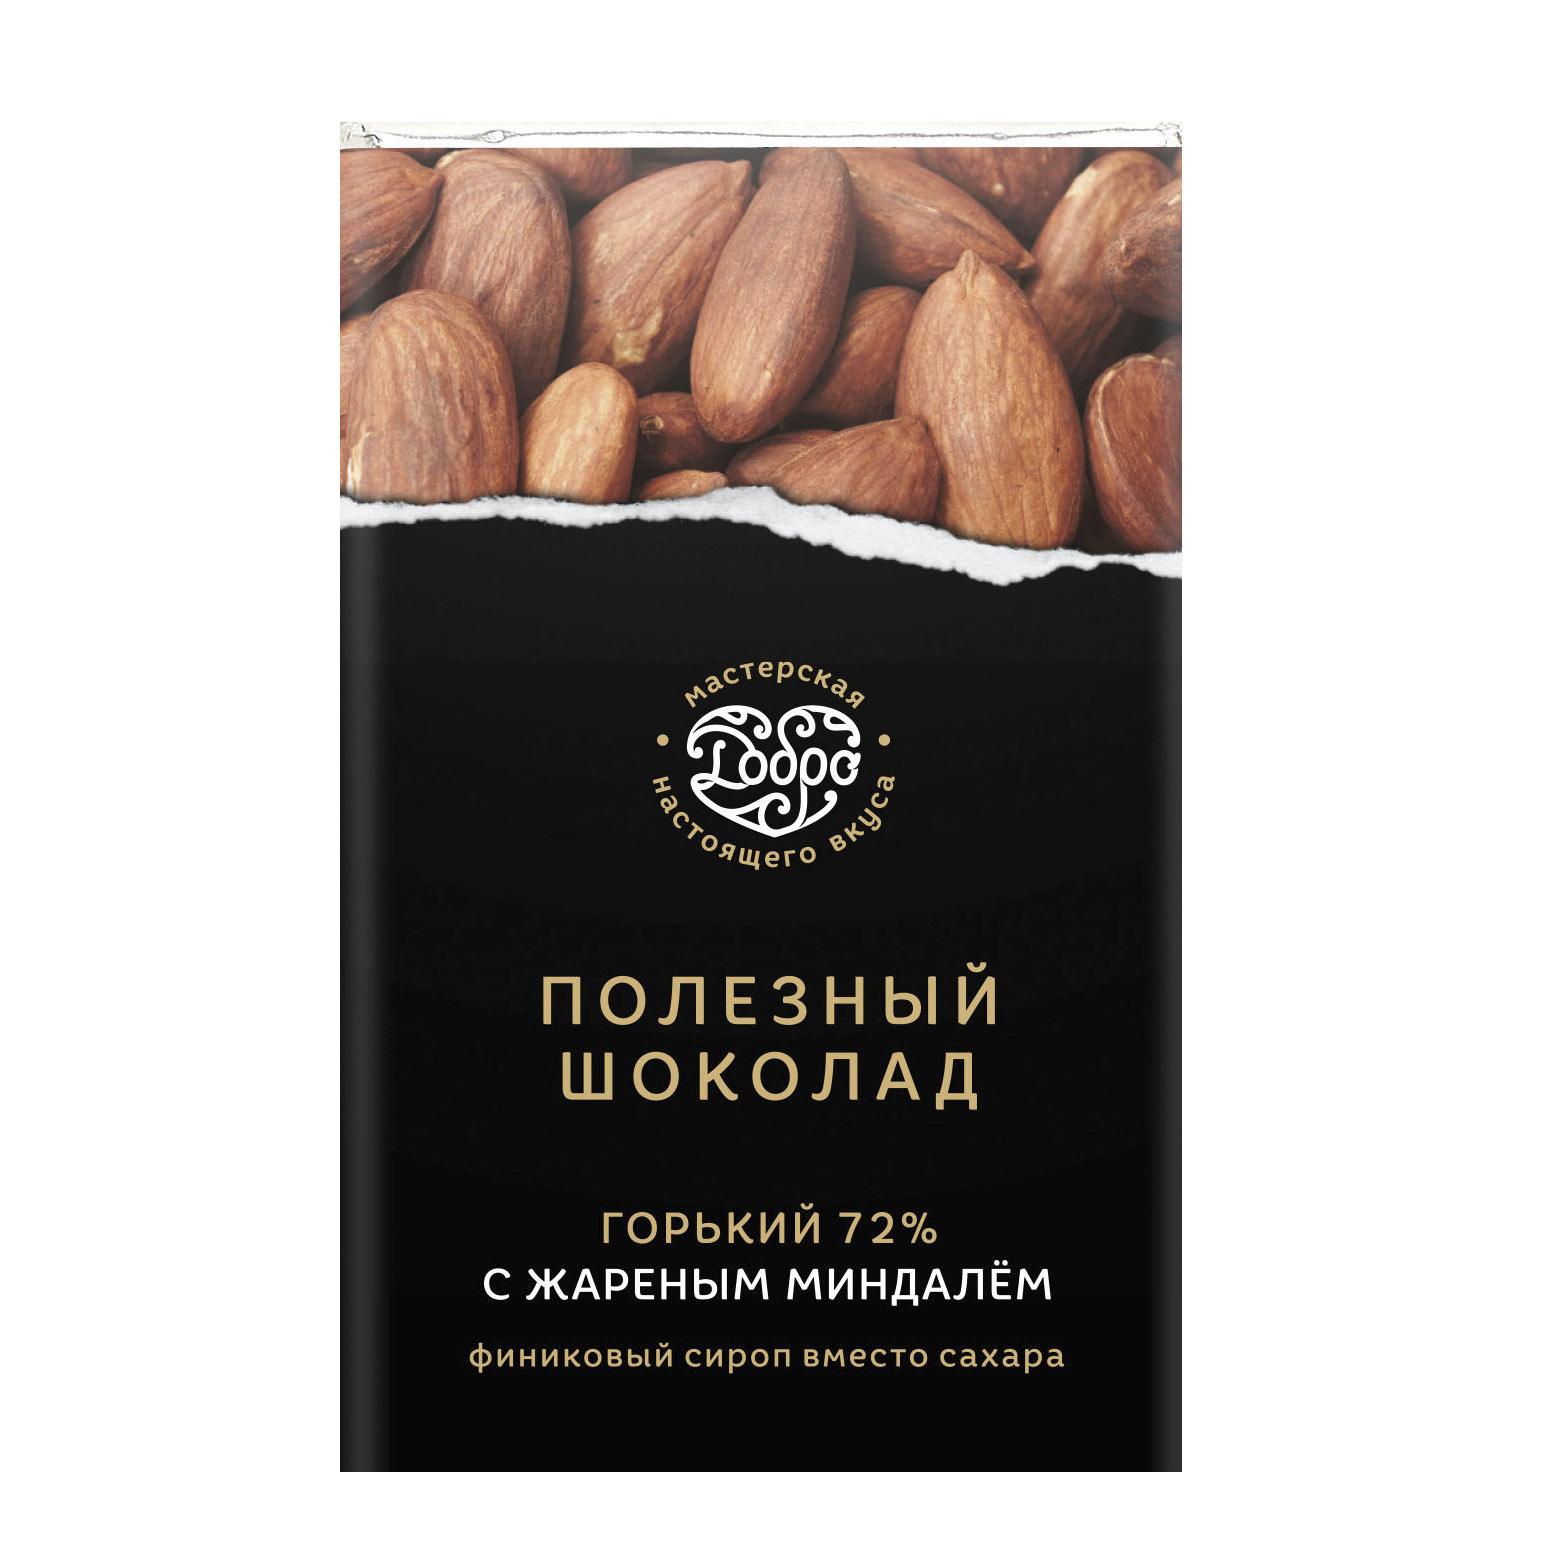 шоколад спартак горький 72% какао 90 г Шоколад горький на финиковом пекмезе с жареным миндалём 72% 90 г